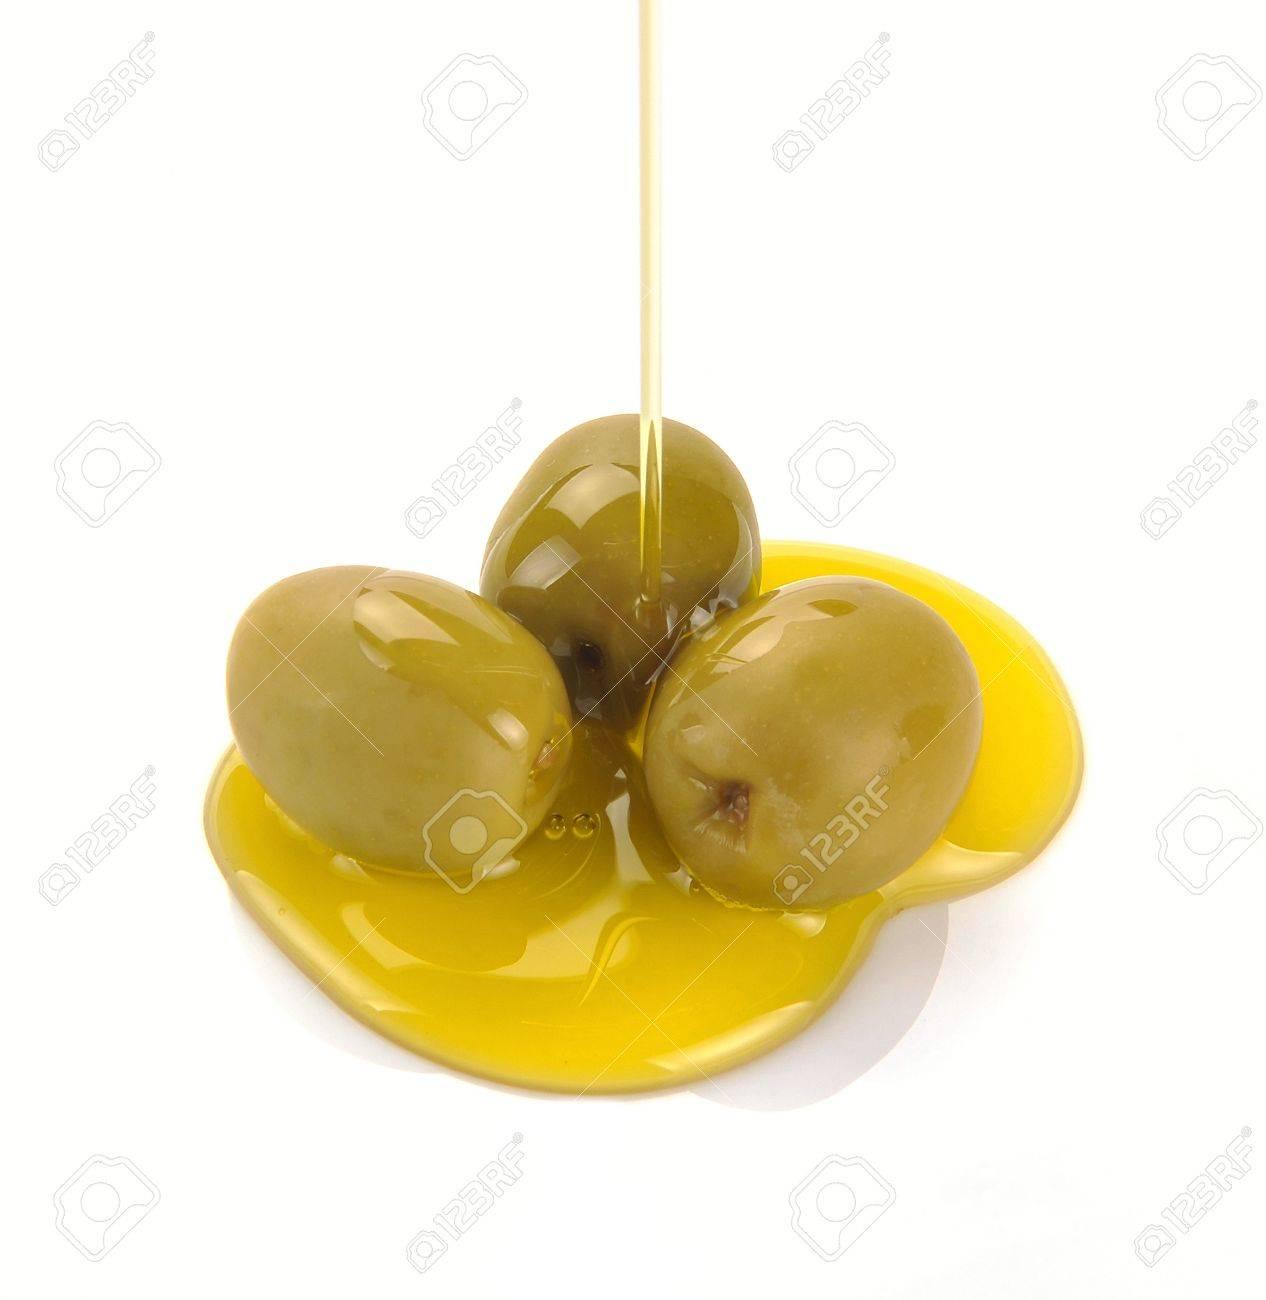 El aceite de oliva a salir. Verter el aceite de oliva Foto de archivo - 13664210